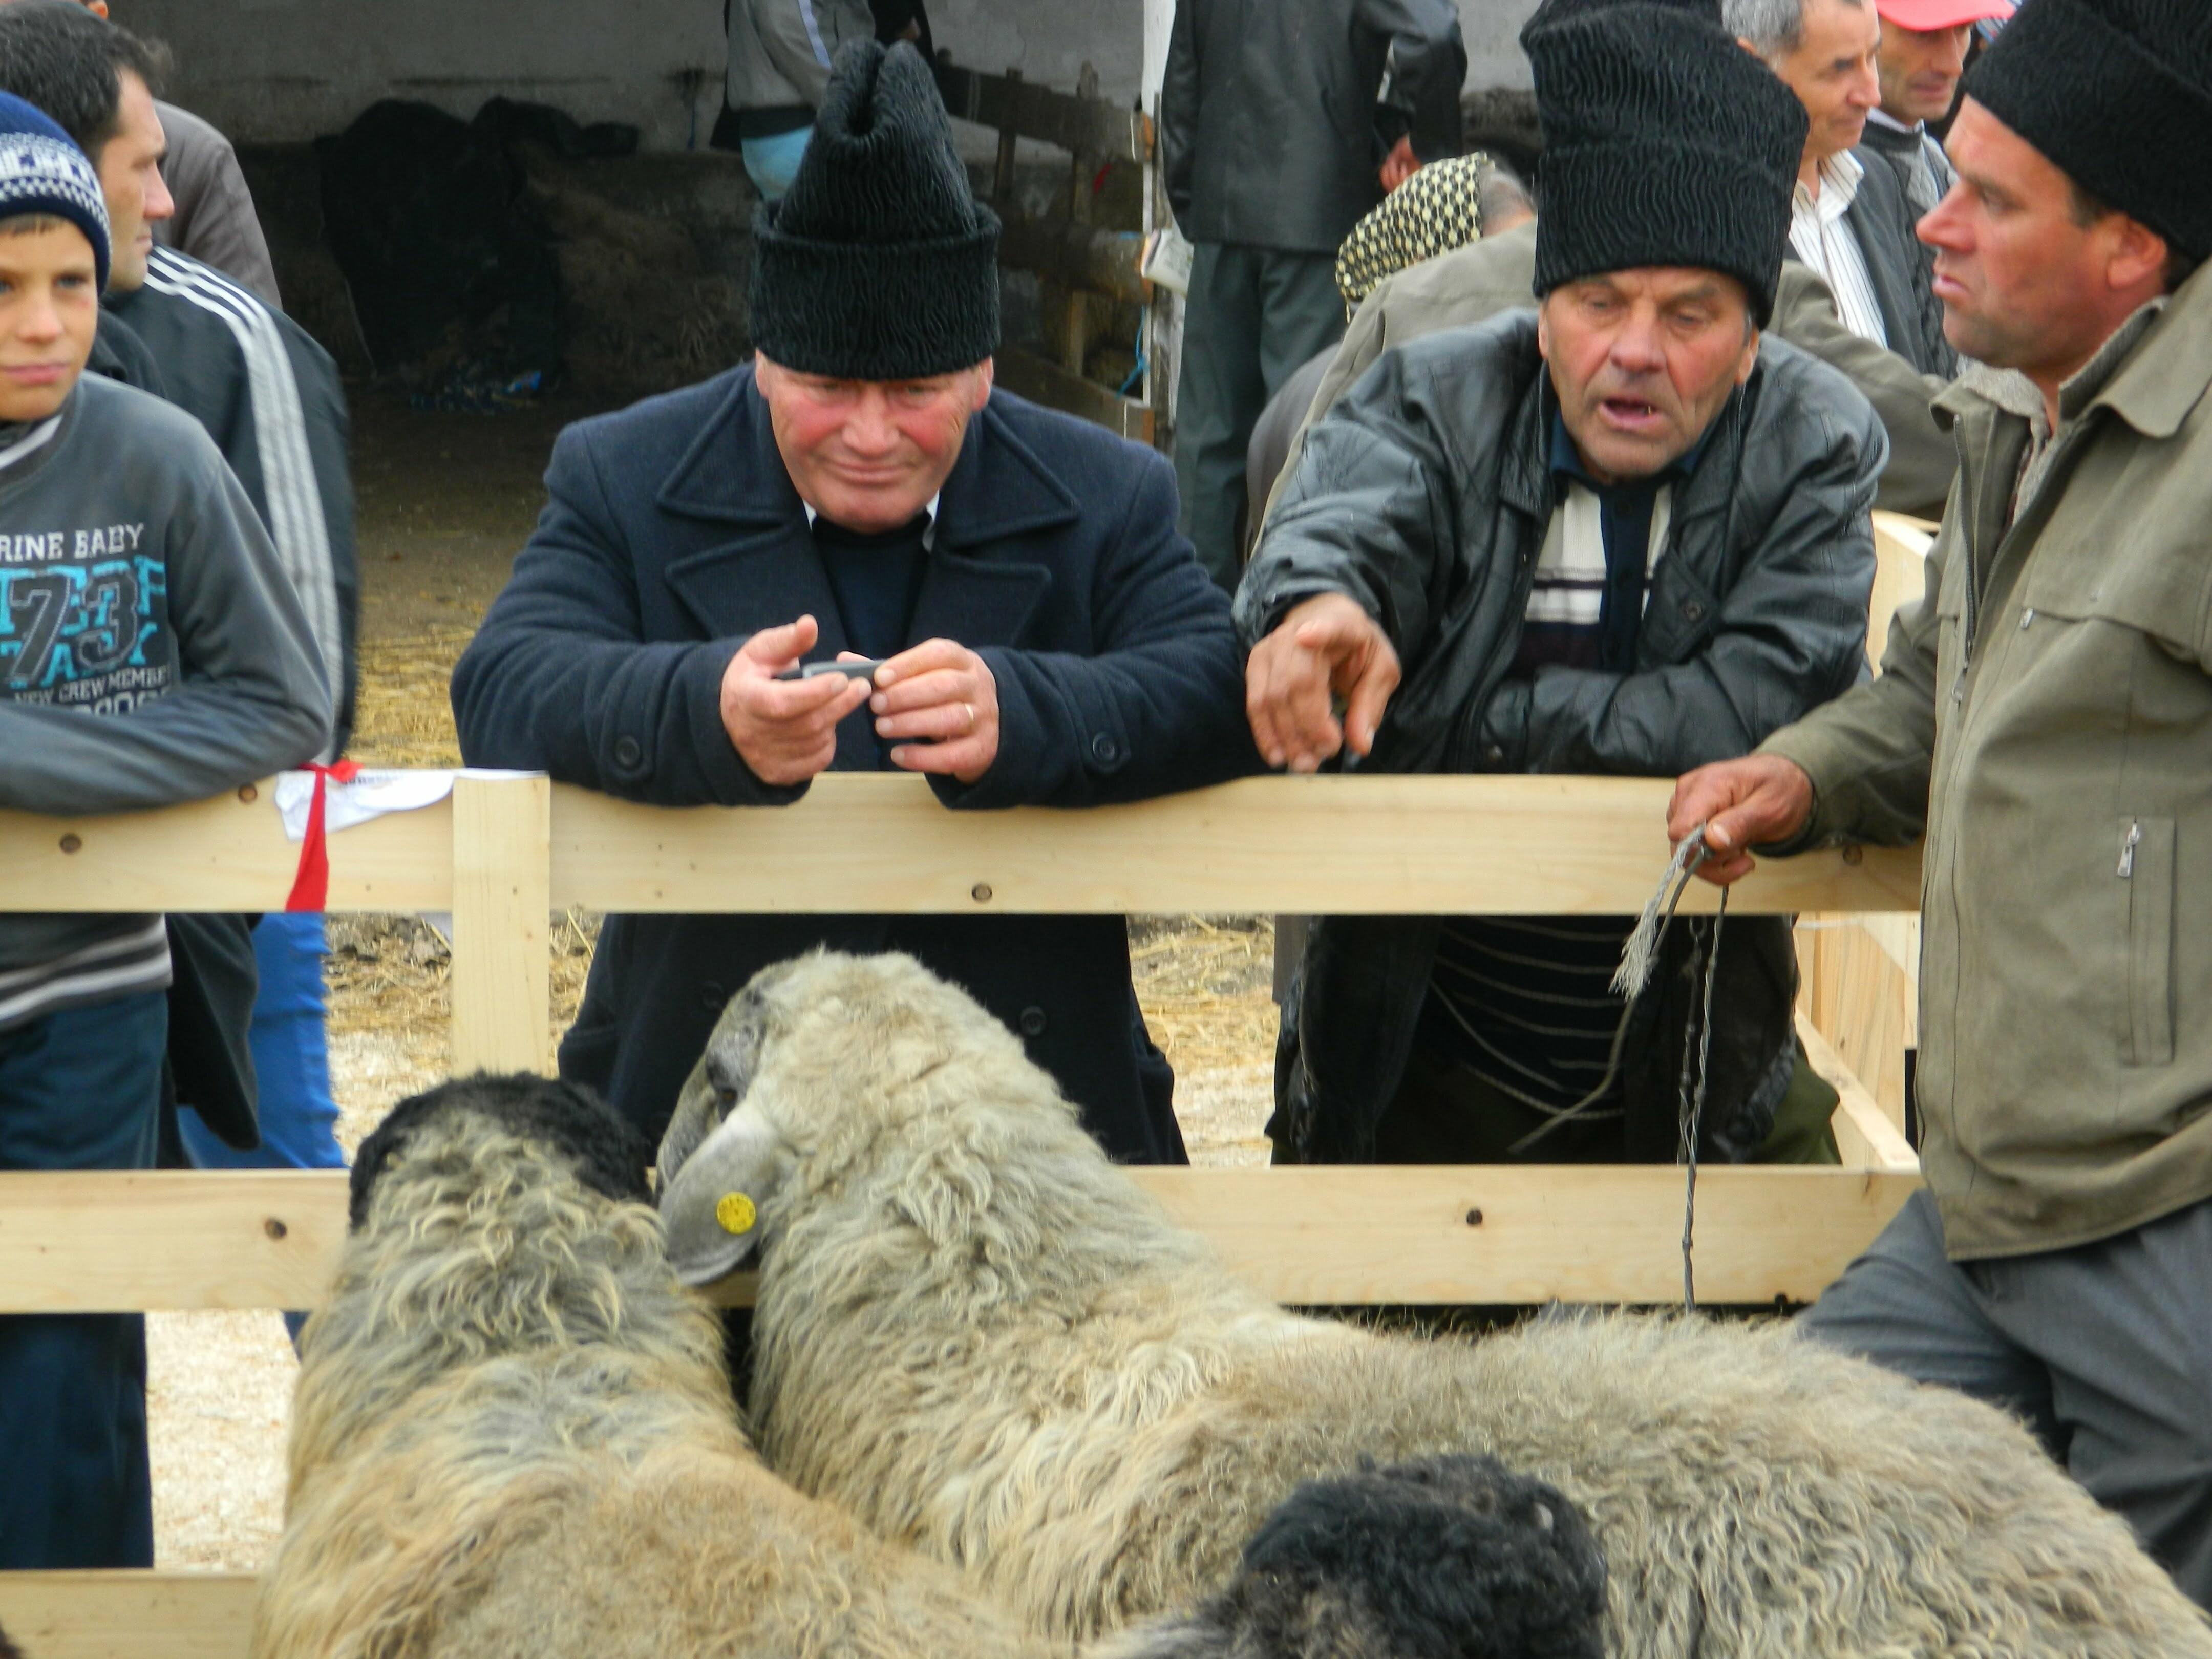 Producători agricoli şi meşteşugari la a XI-a ediţie a Târgului Agro–Zoo la Staţiunea Popăuţi